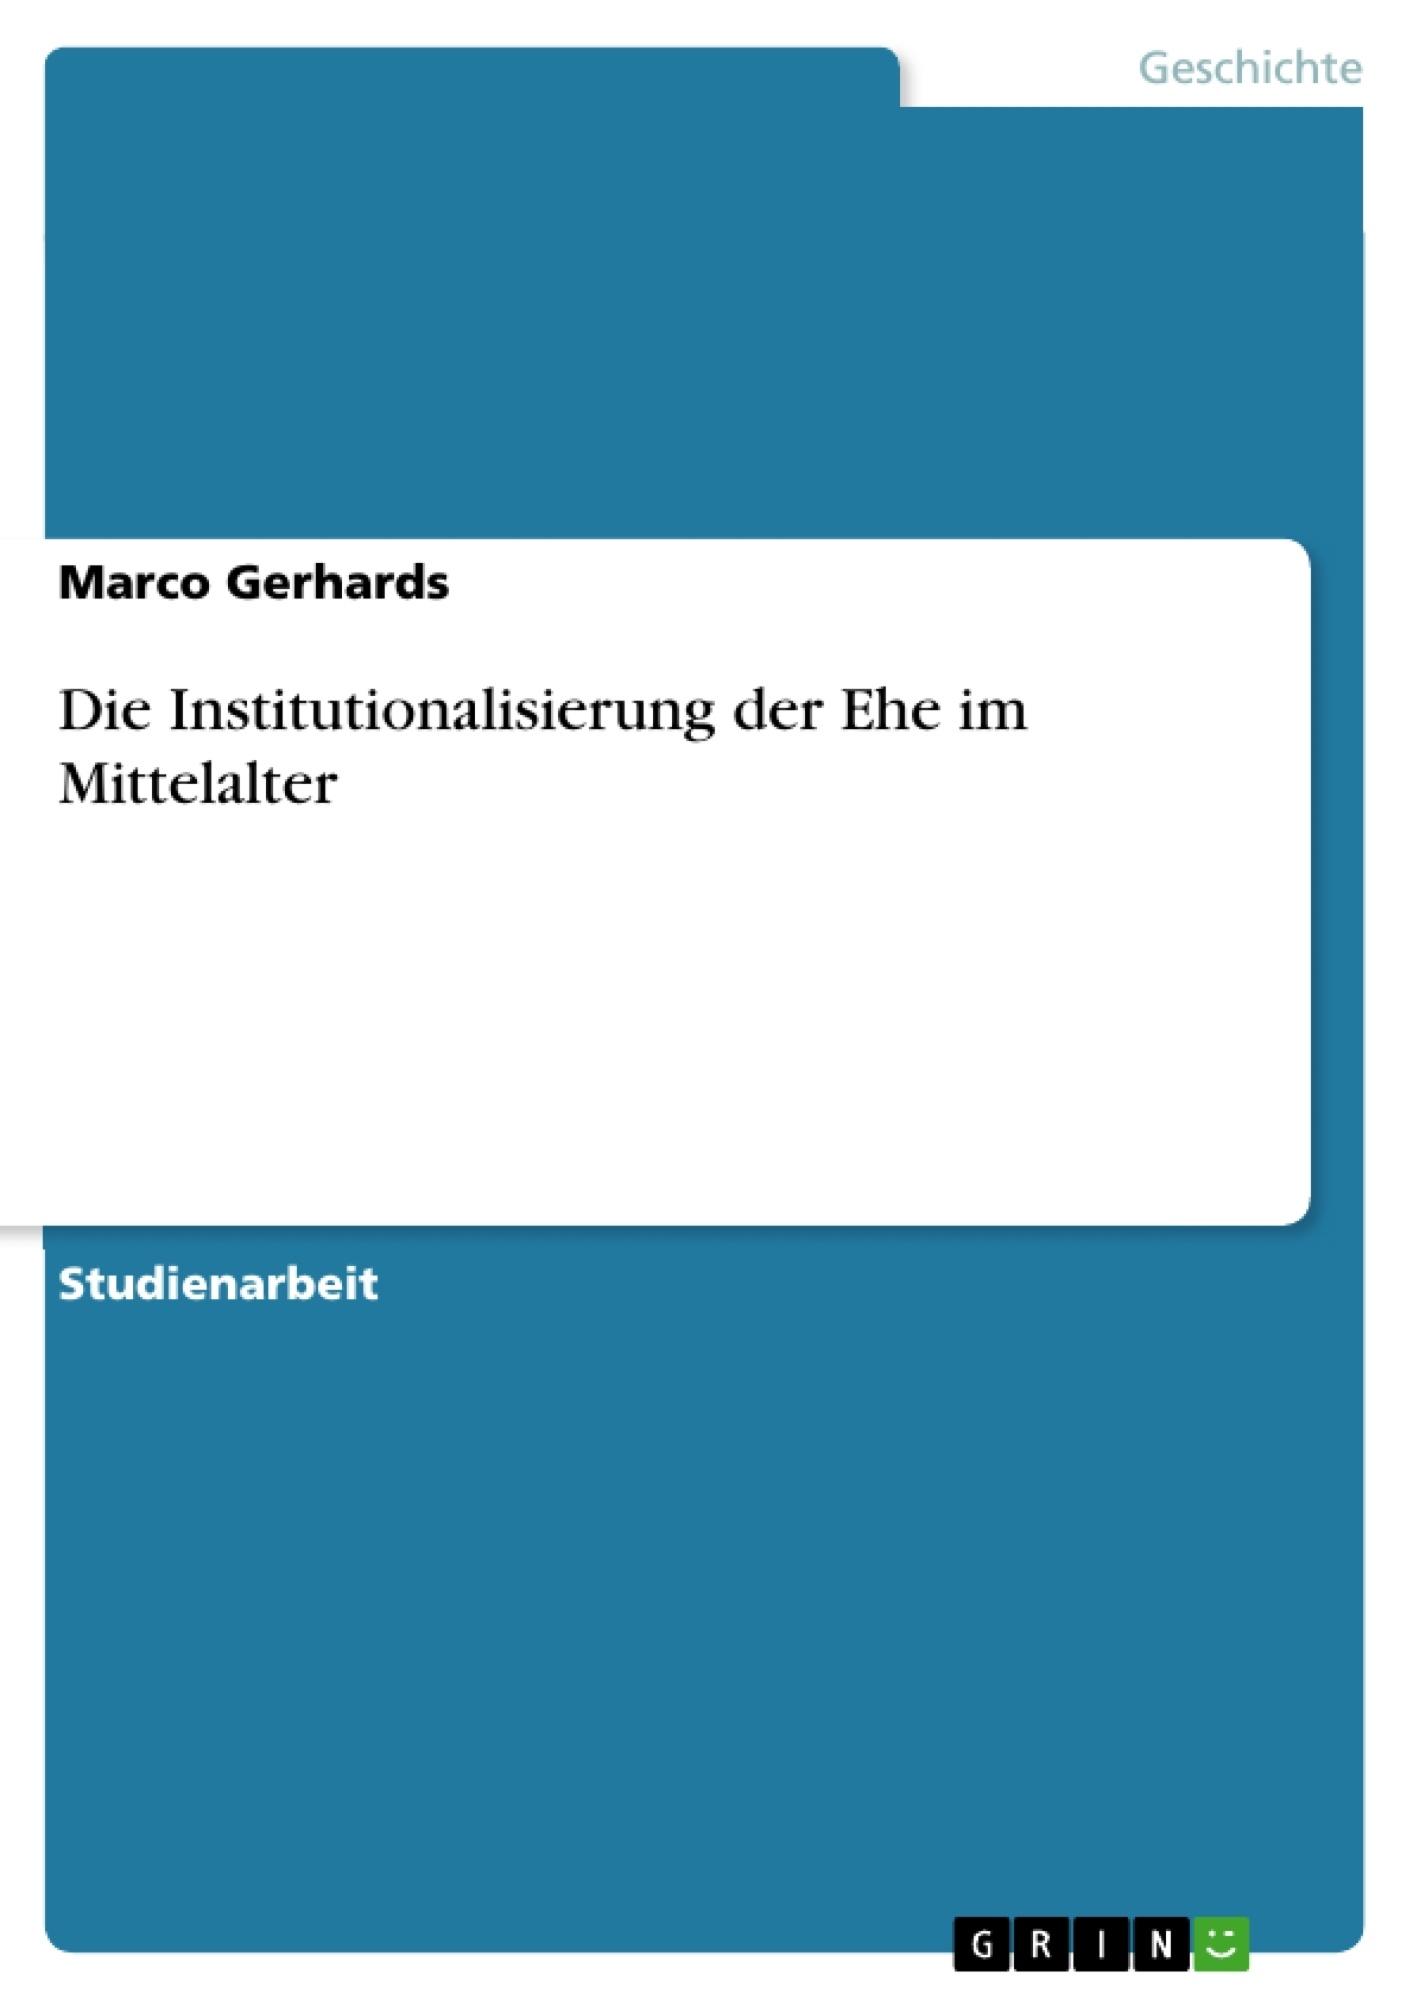 Titel: Die Institutionalisierung der Ehe im Mittelalter